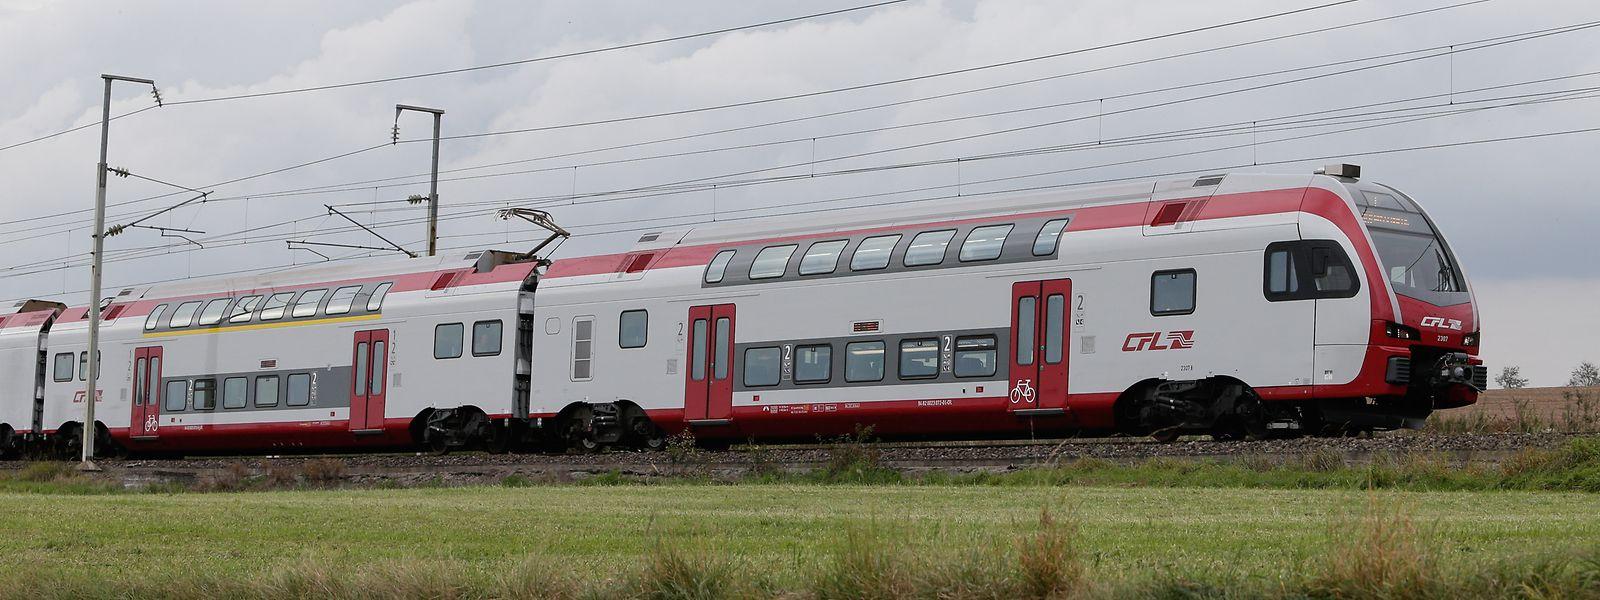 Der Doppelstocktriebwagen mit der Bezeichnung KISS entgleiste bei Düsseldorf.